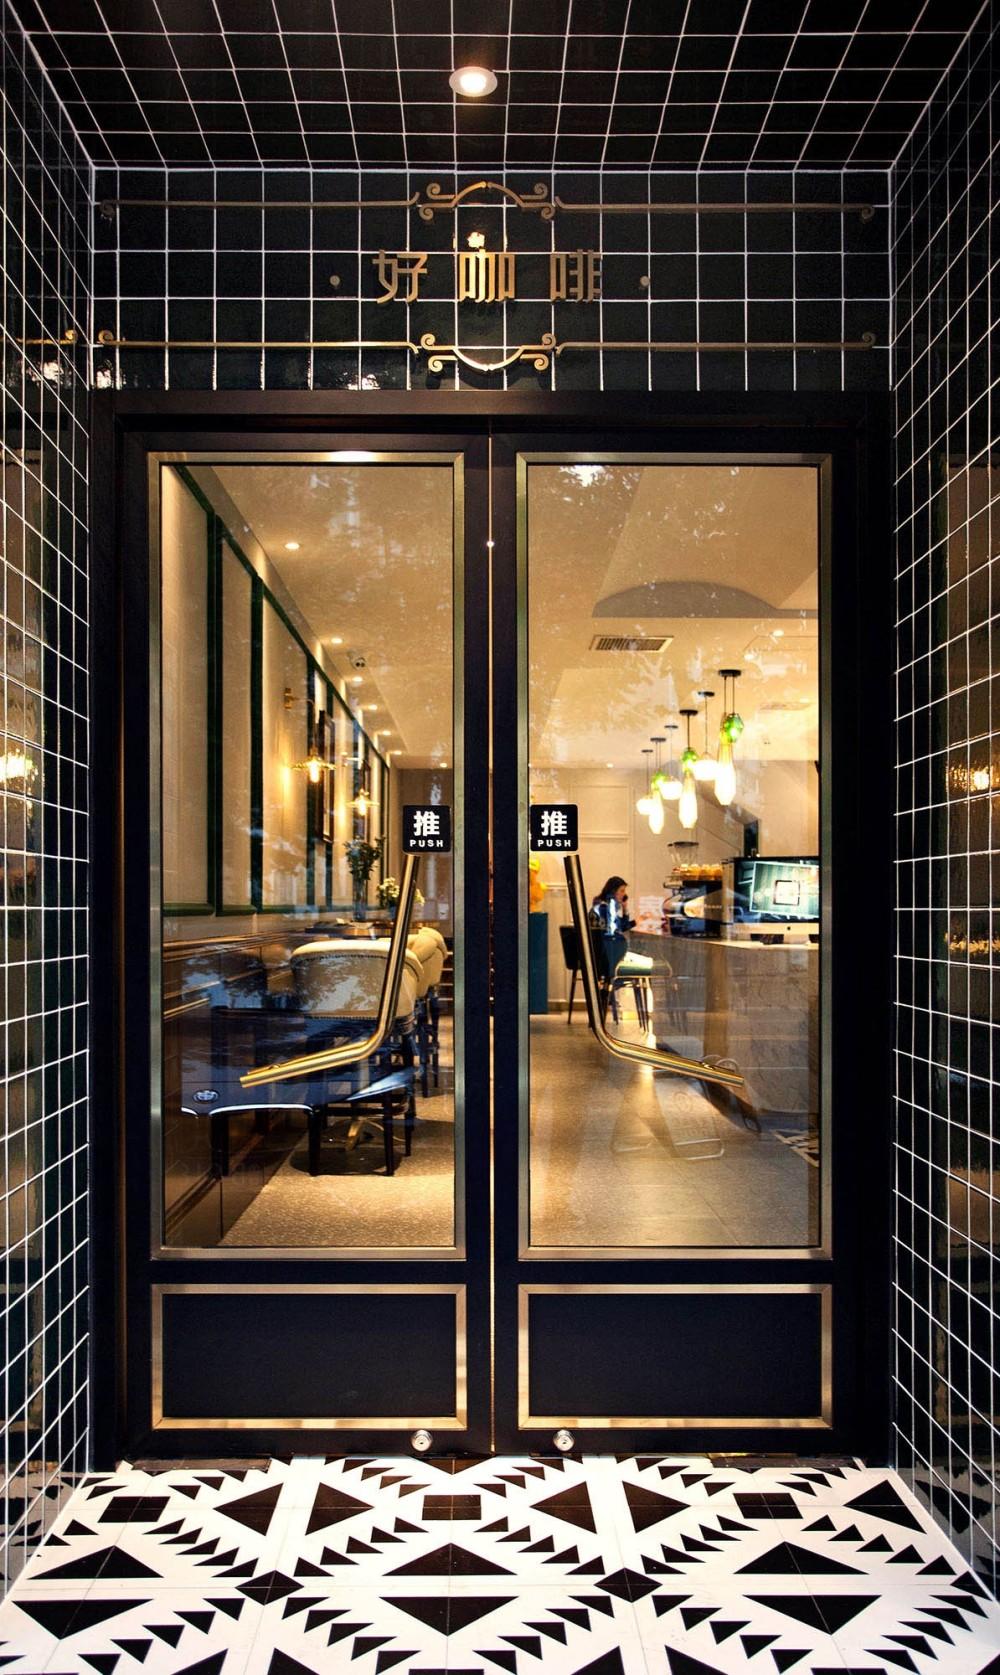 04-入口,内退的入口设计,丰富空间的层次感Entrance,retreatingentrancedesign,richspacesense.jpg